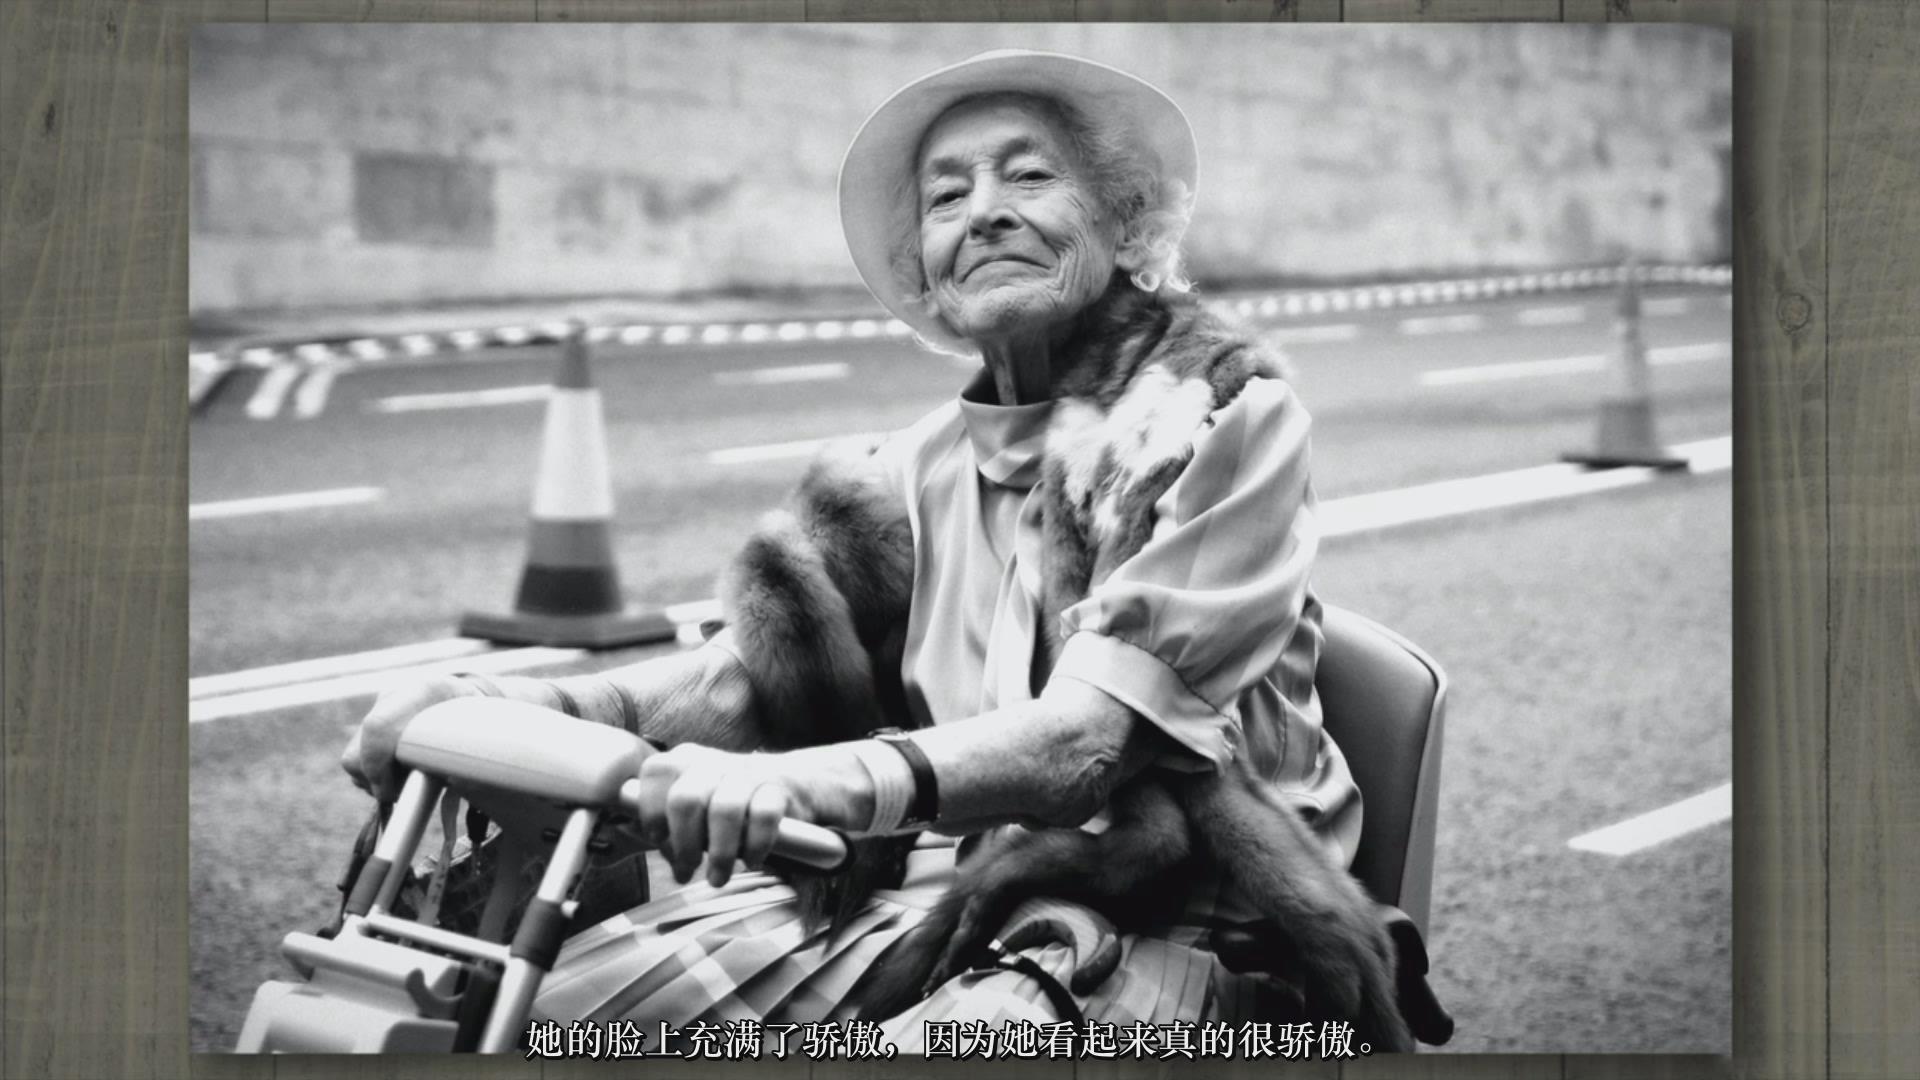 """摄影教程_Frank Minghella-""""完美照片构图""""将您摄影技术提高到一个新水平-中文字幕 摄影教程 _预览图3"""